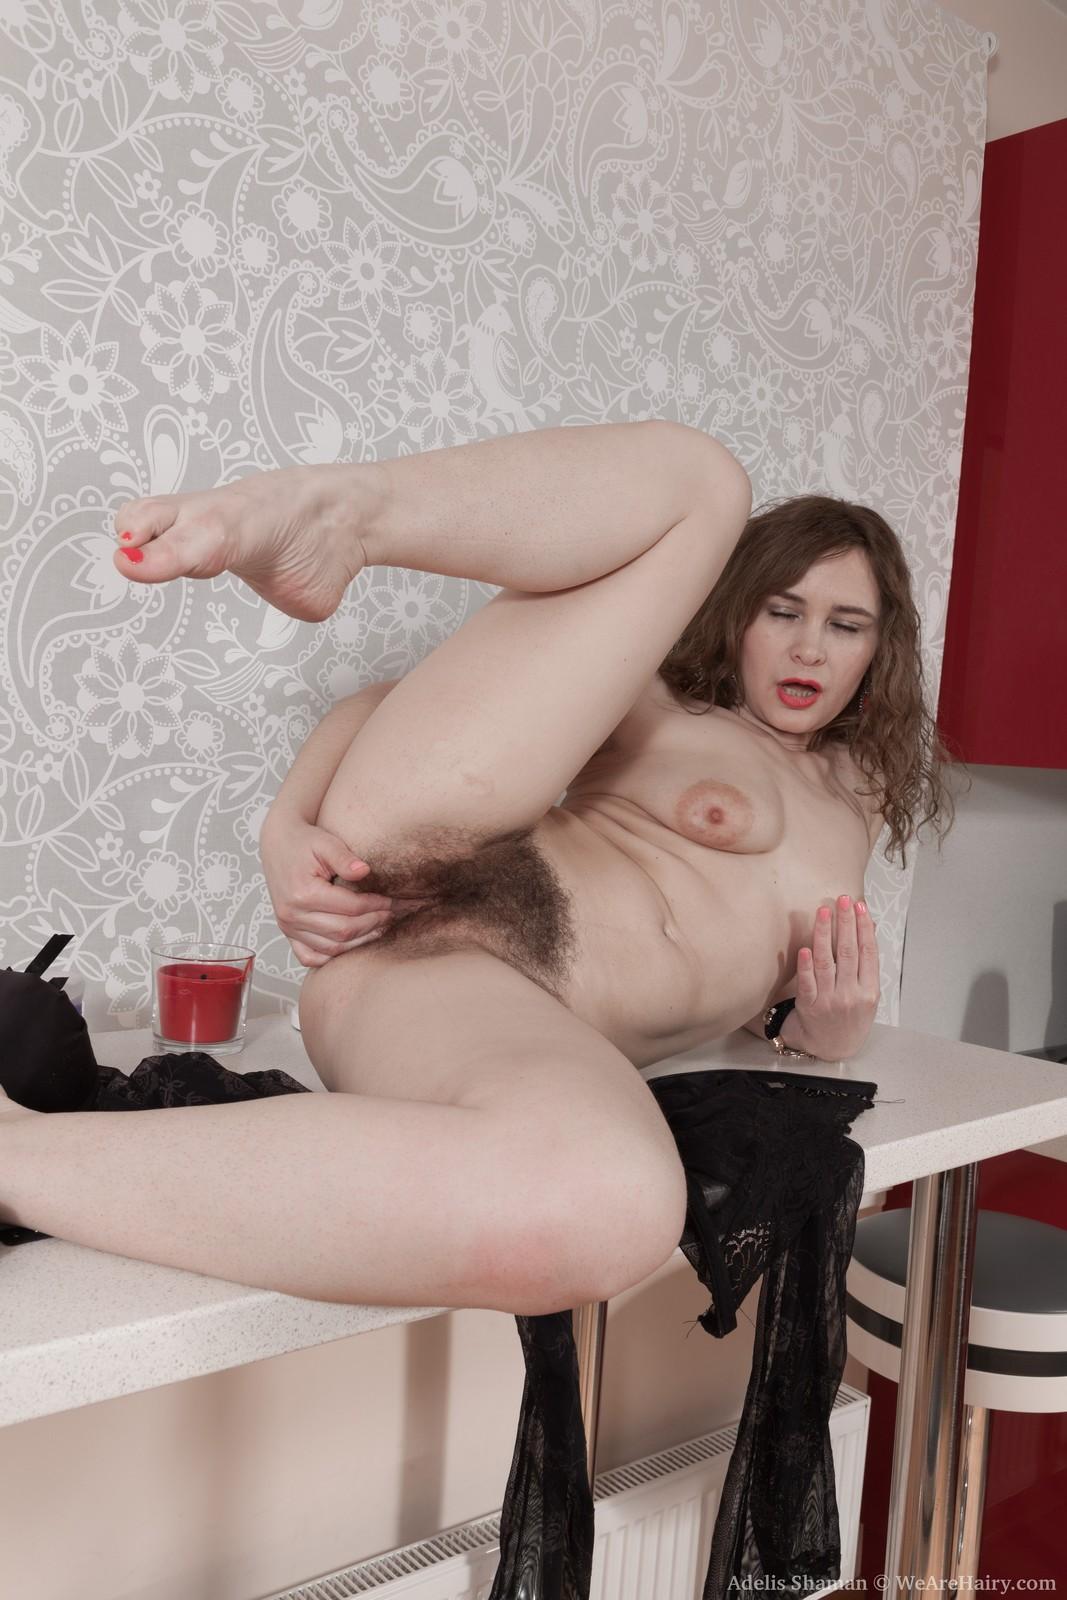 Adelis shaman masturbates on her white desk 4